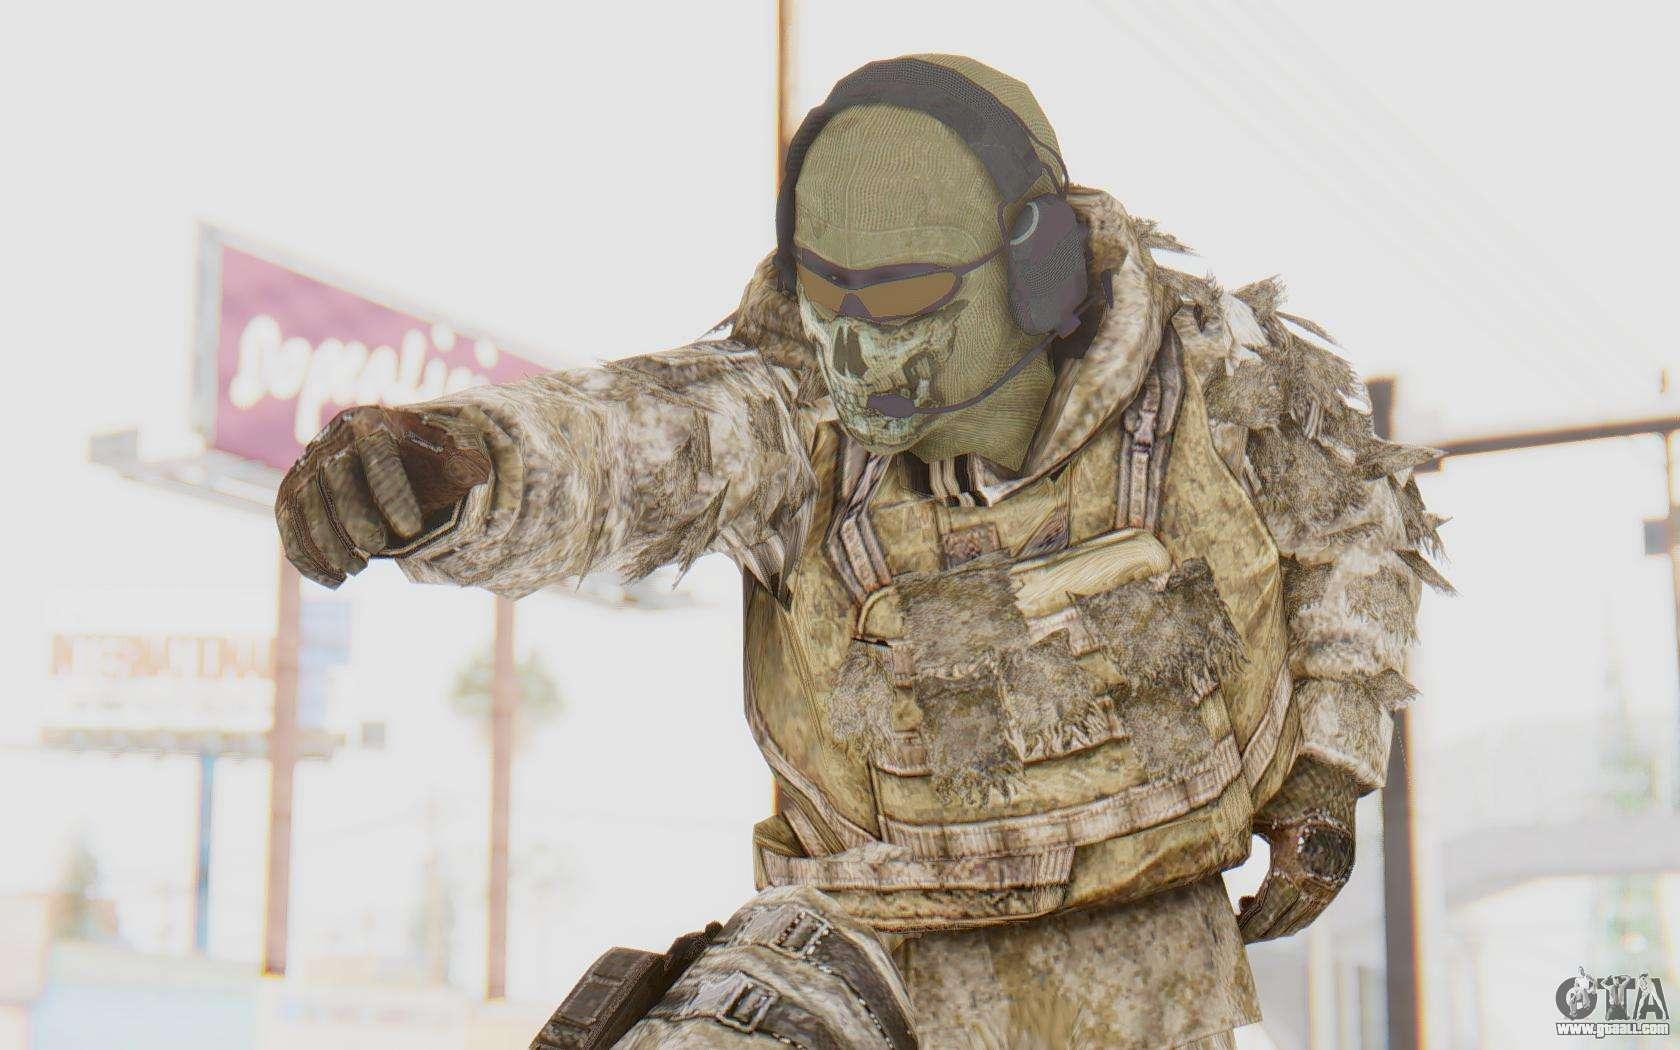 Cod Mw2 Ghost Sniper Desert Camo For Gta San Andreas